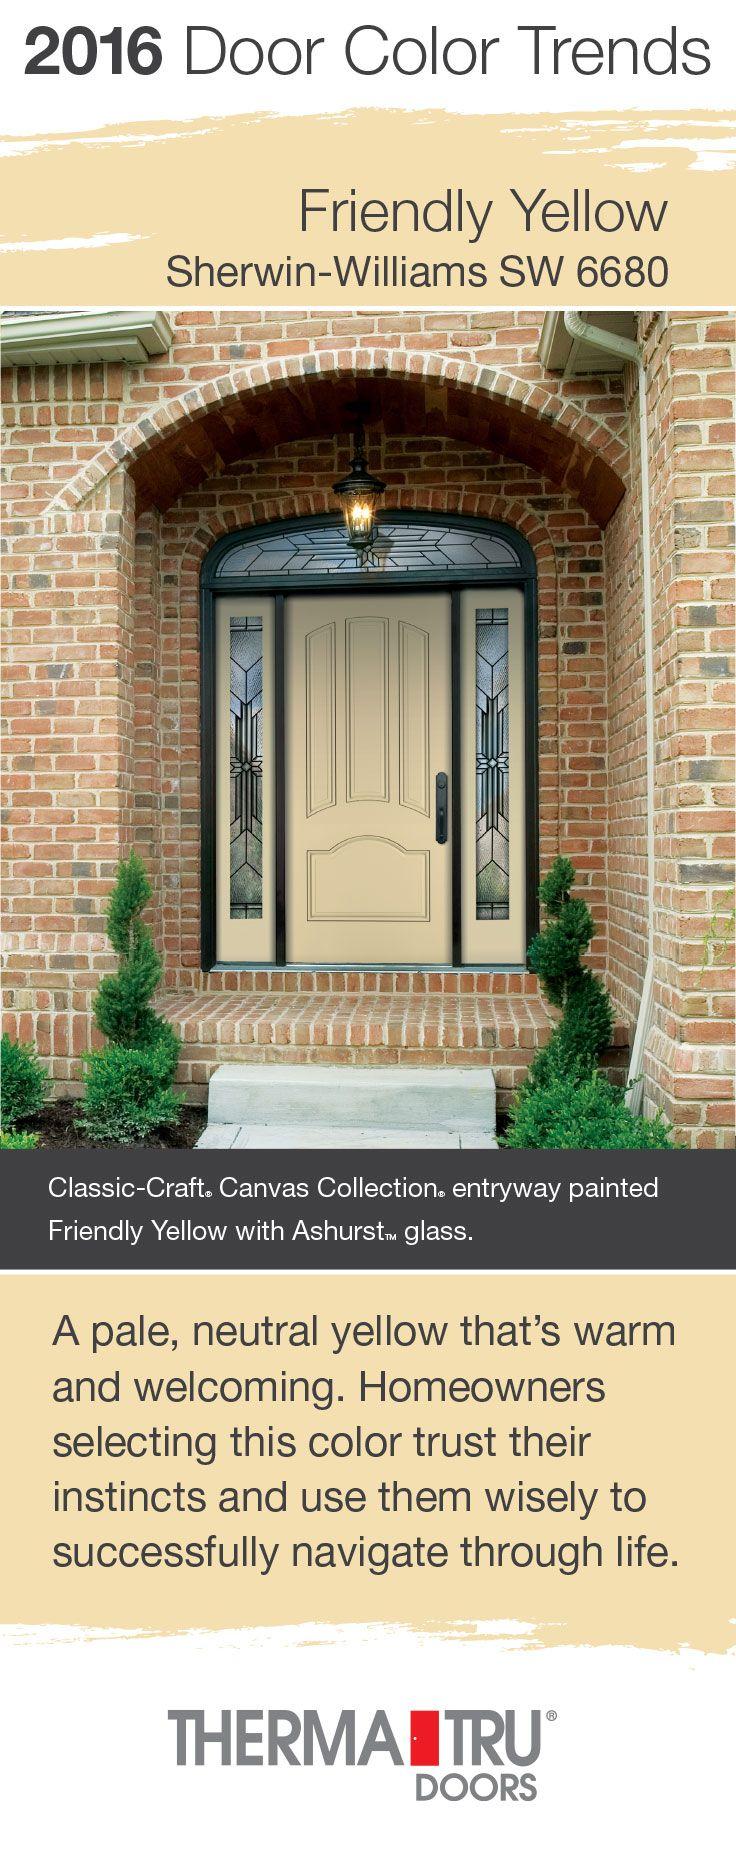 Entry Door Colors 13 best 2017 front door color trends images on pinterest | front